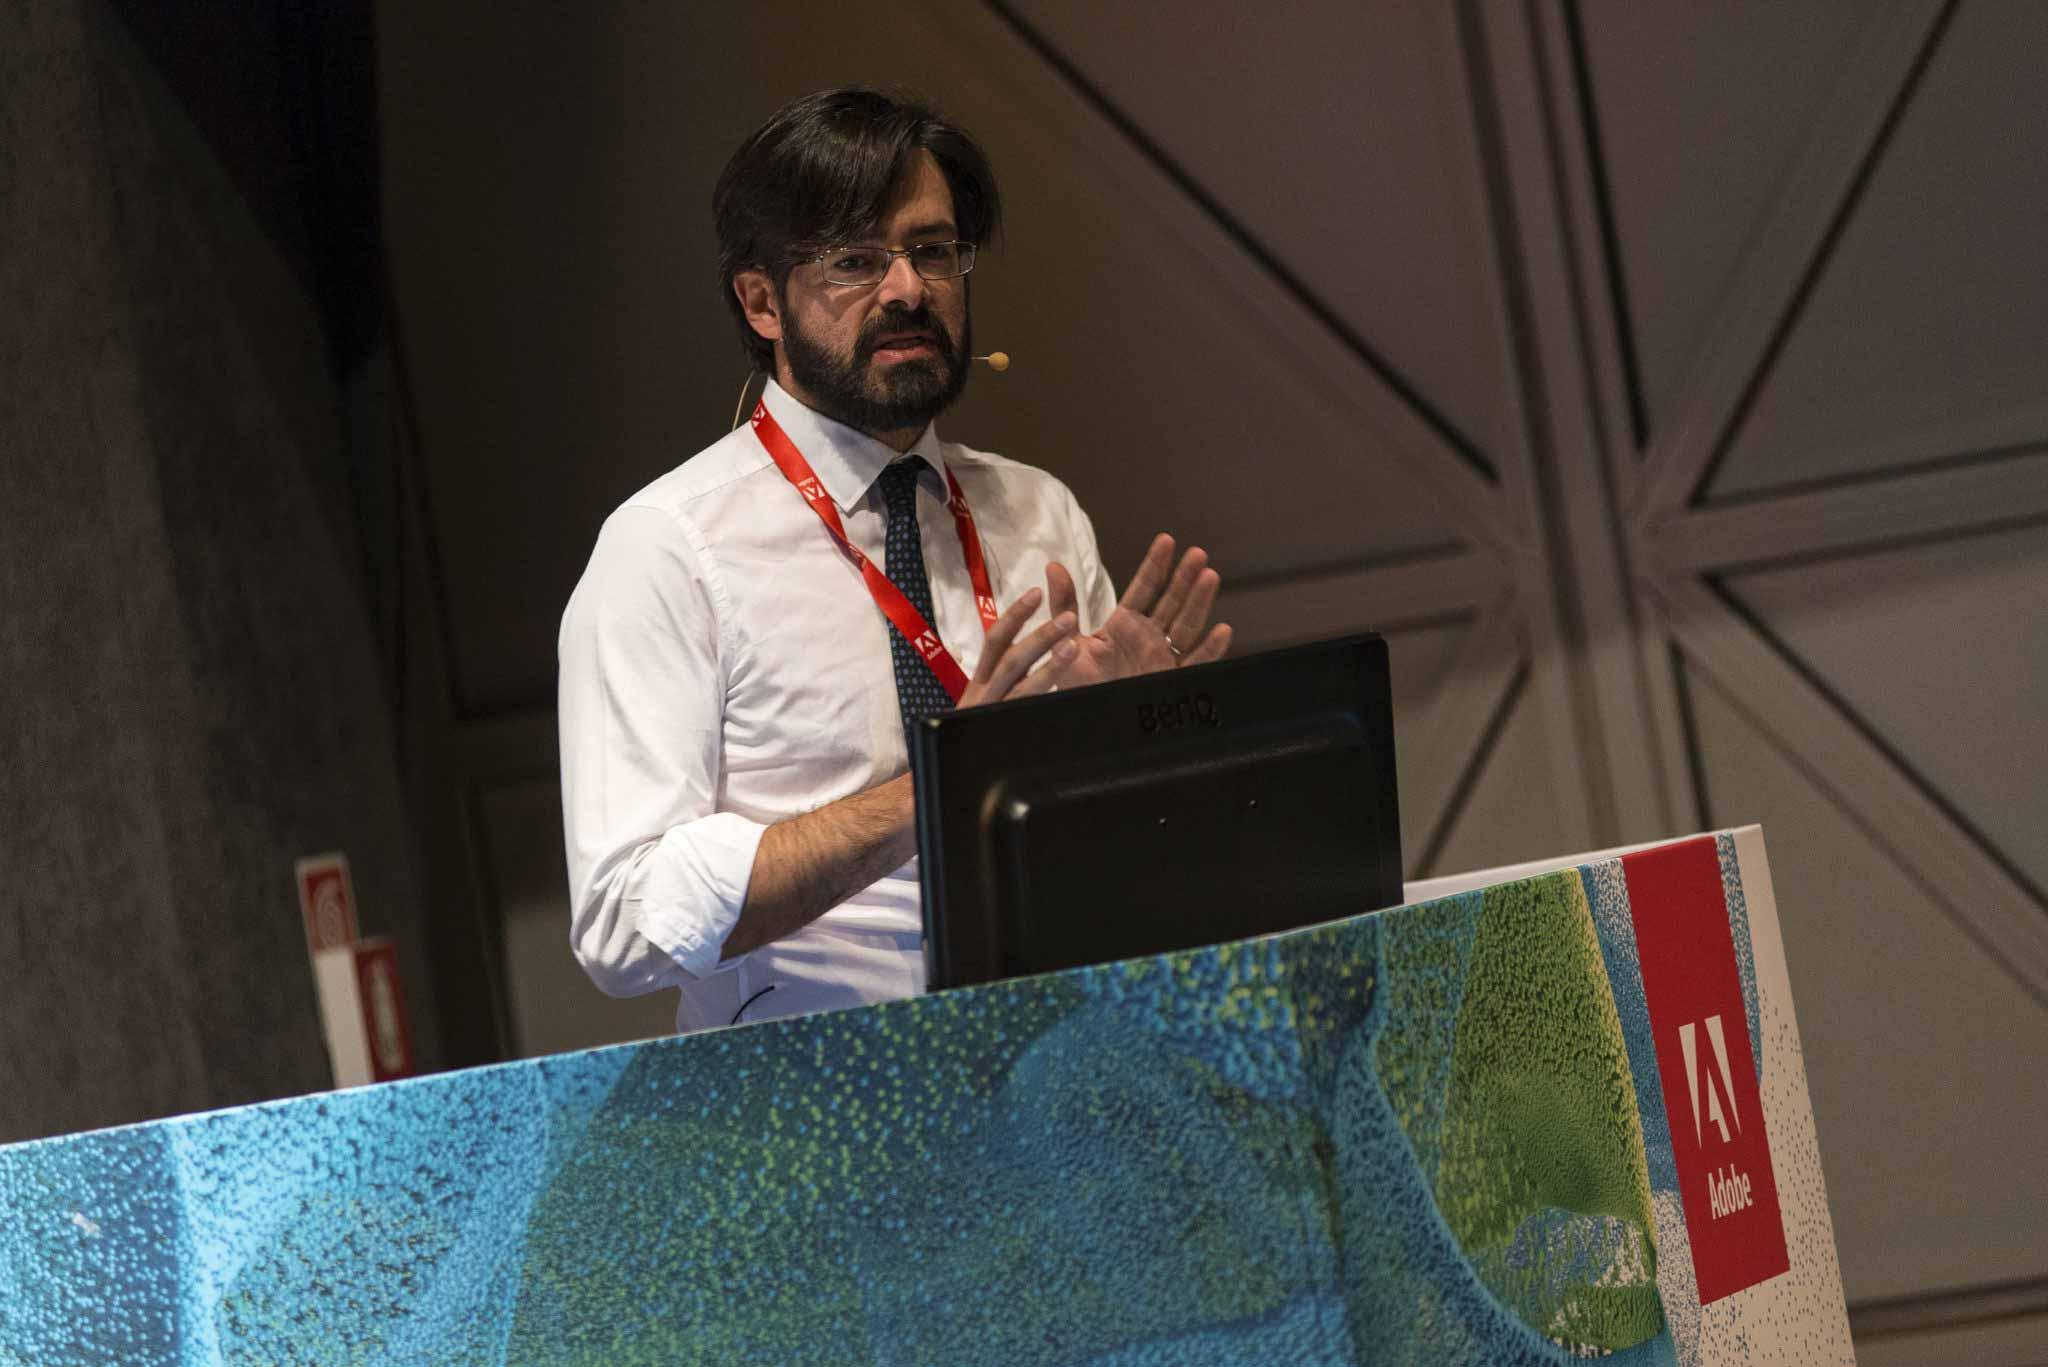 Fotografo per Conferenze a Roma – Adobe Customer Experience Forum #5